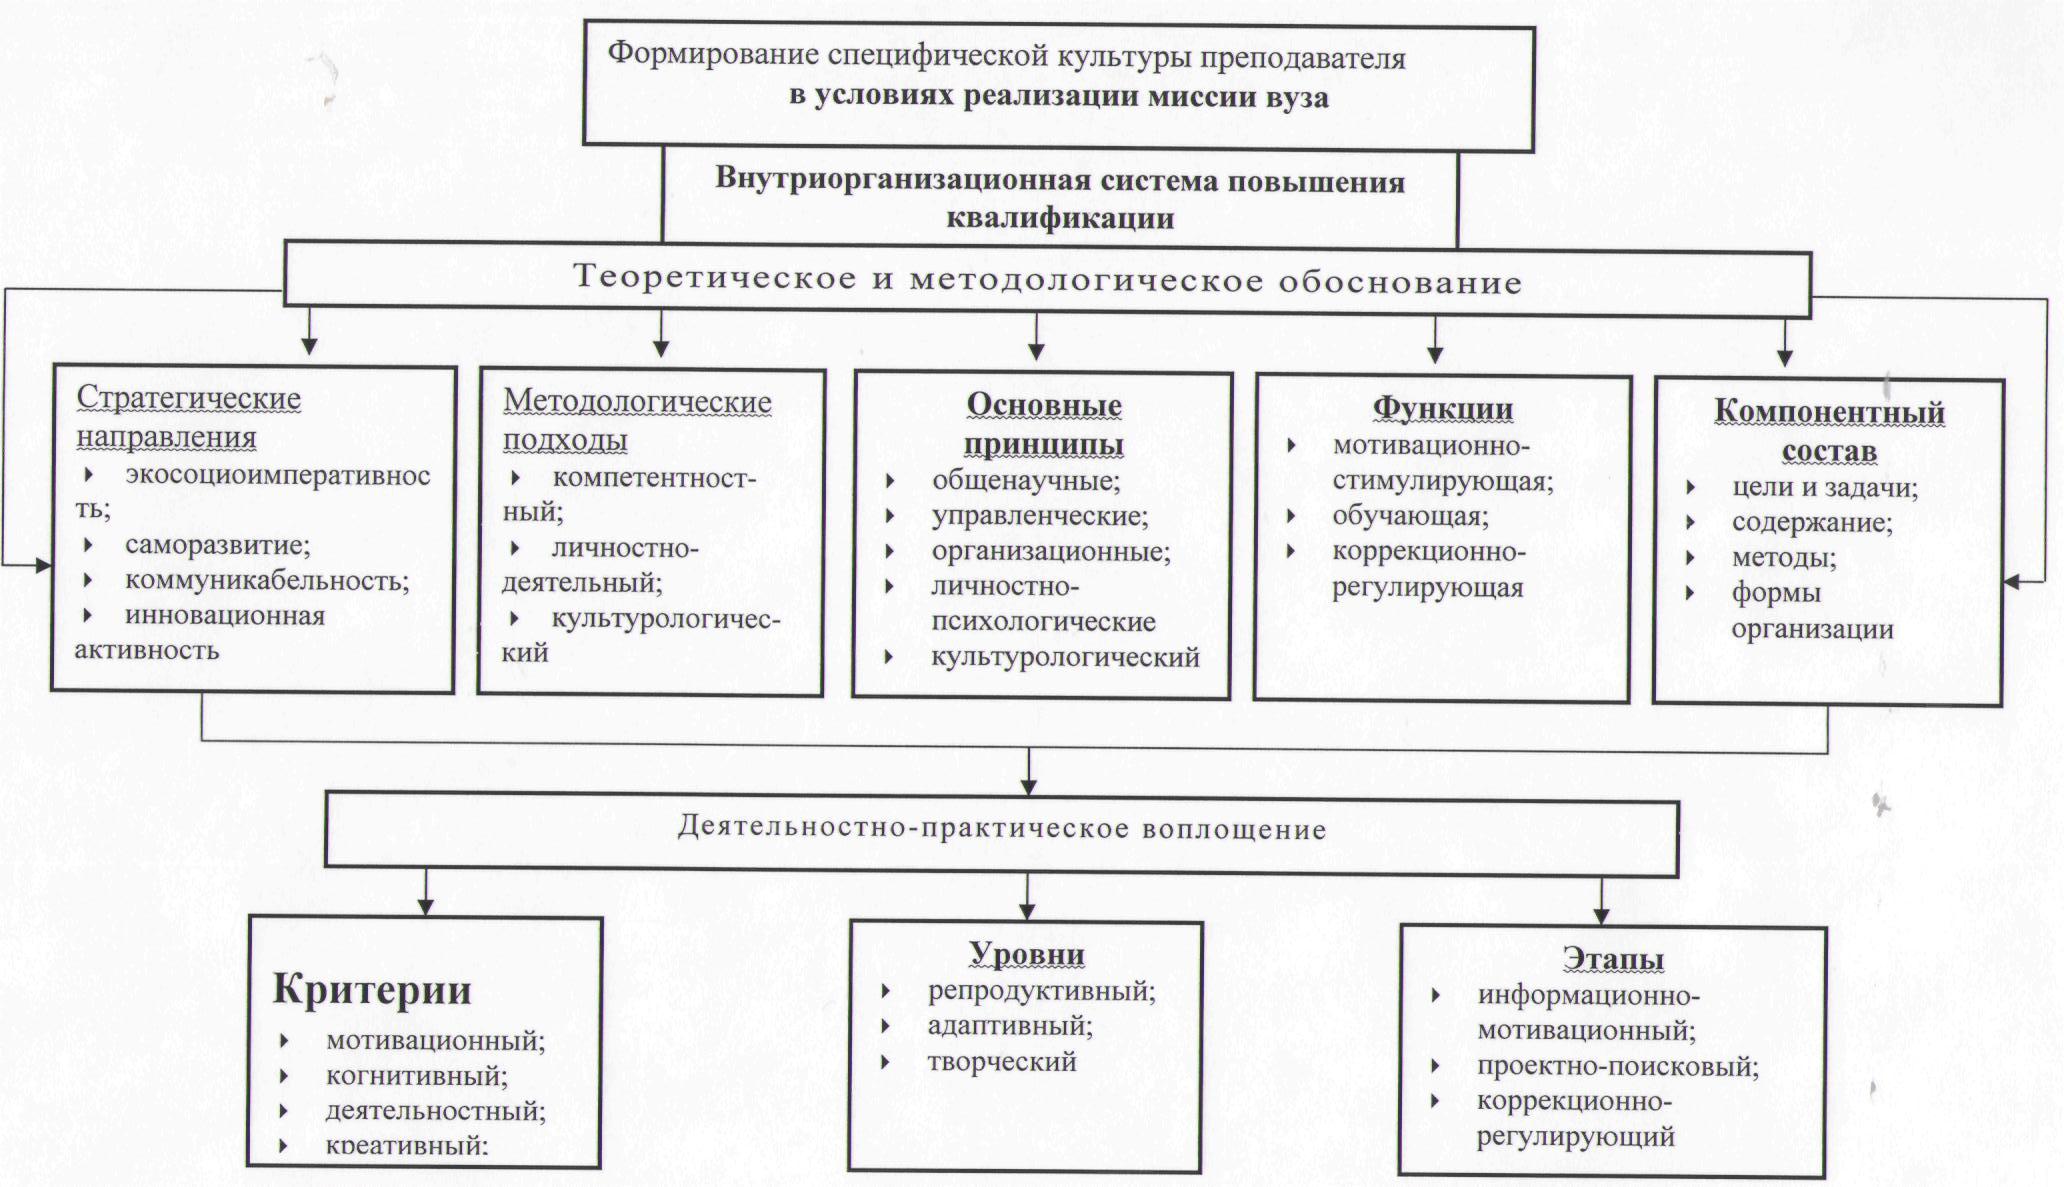 схема школьной системы повышения квалификации